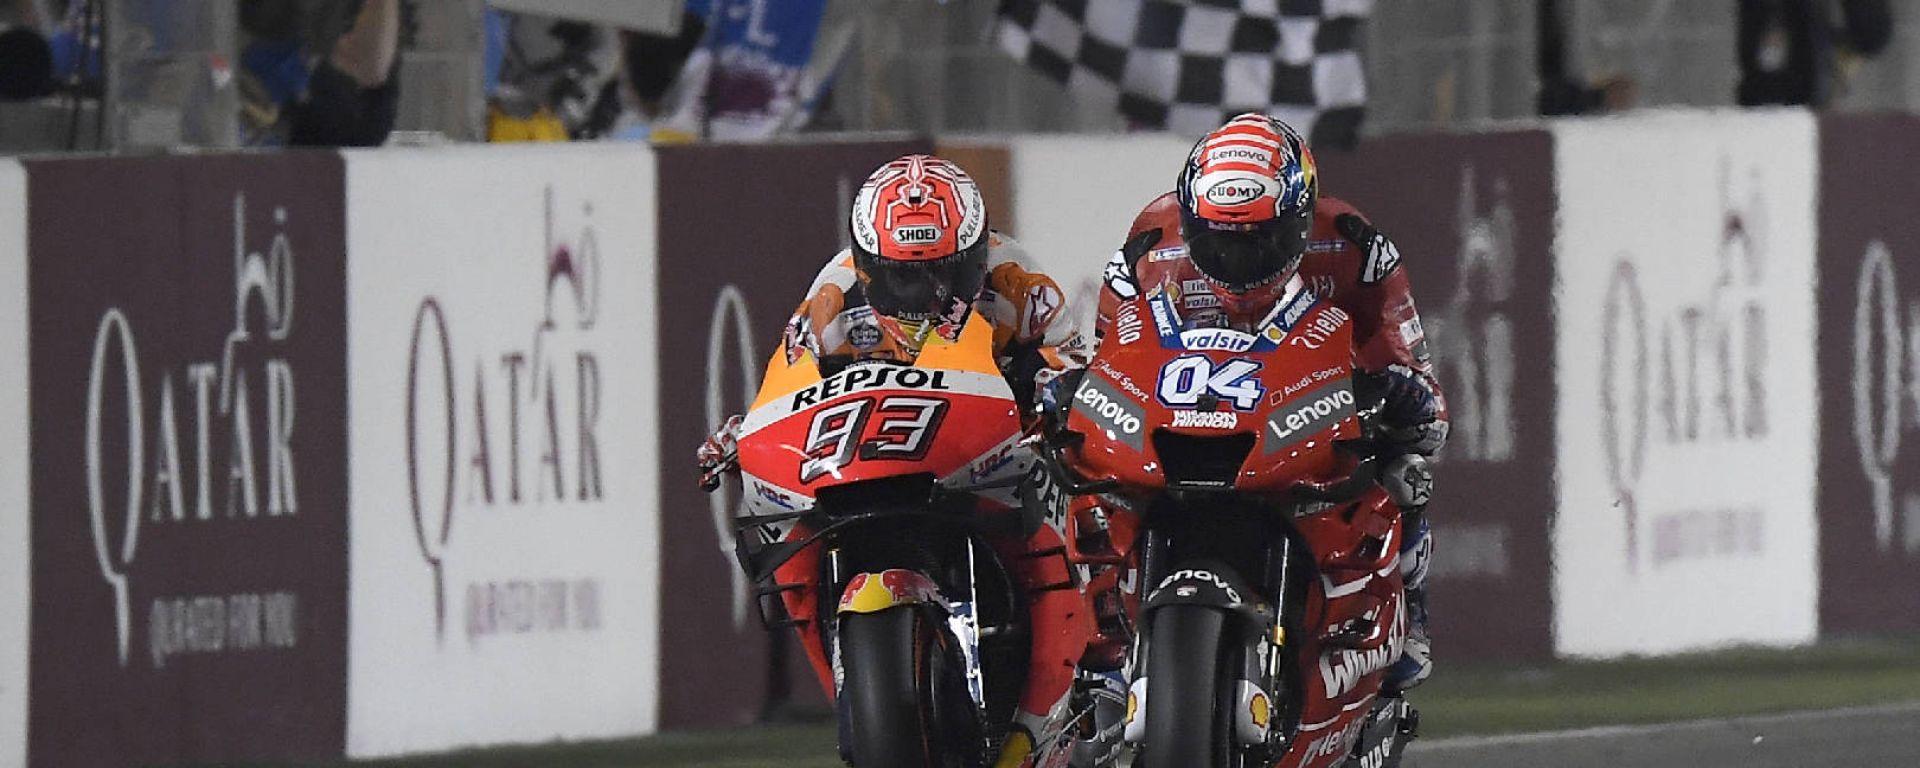 MotoGP Qatar 2019 - Dovizioso vince e beffa Marquez, Rossi 5°